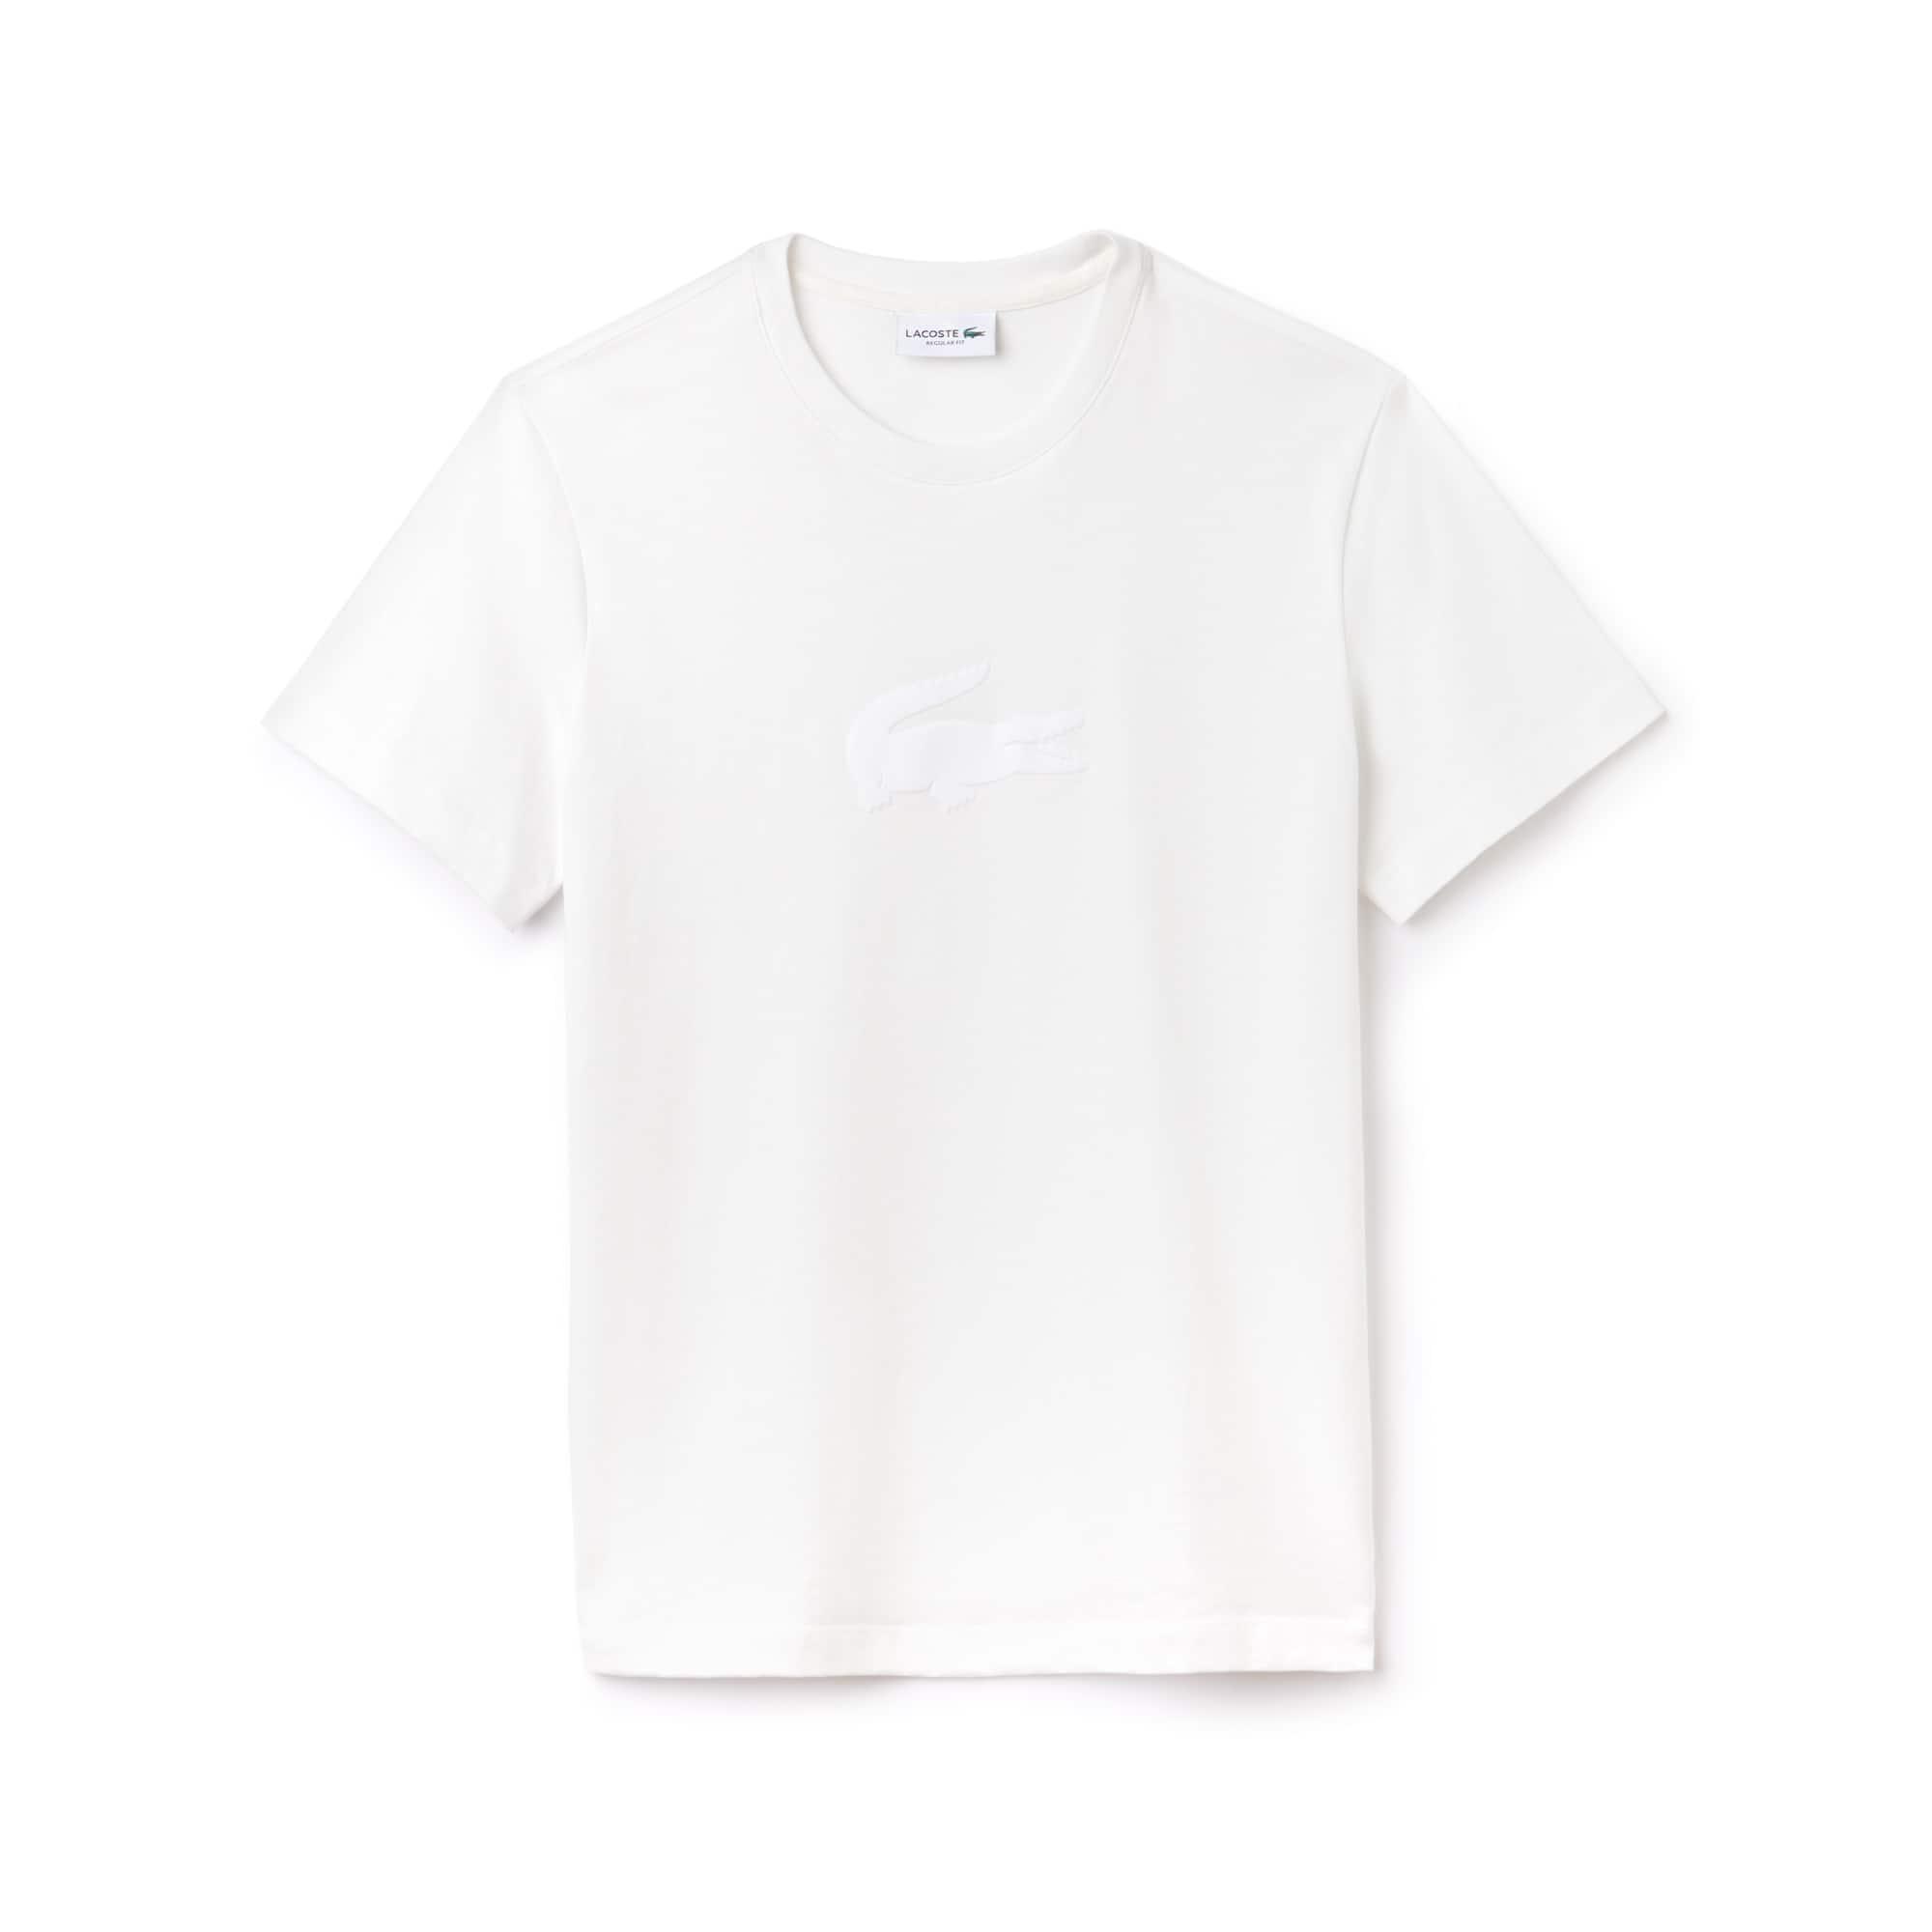 T-shirt decote redondo em jersey unicolor com crocodilo em tamanho grande